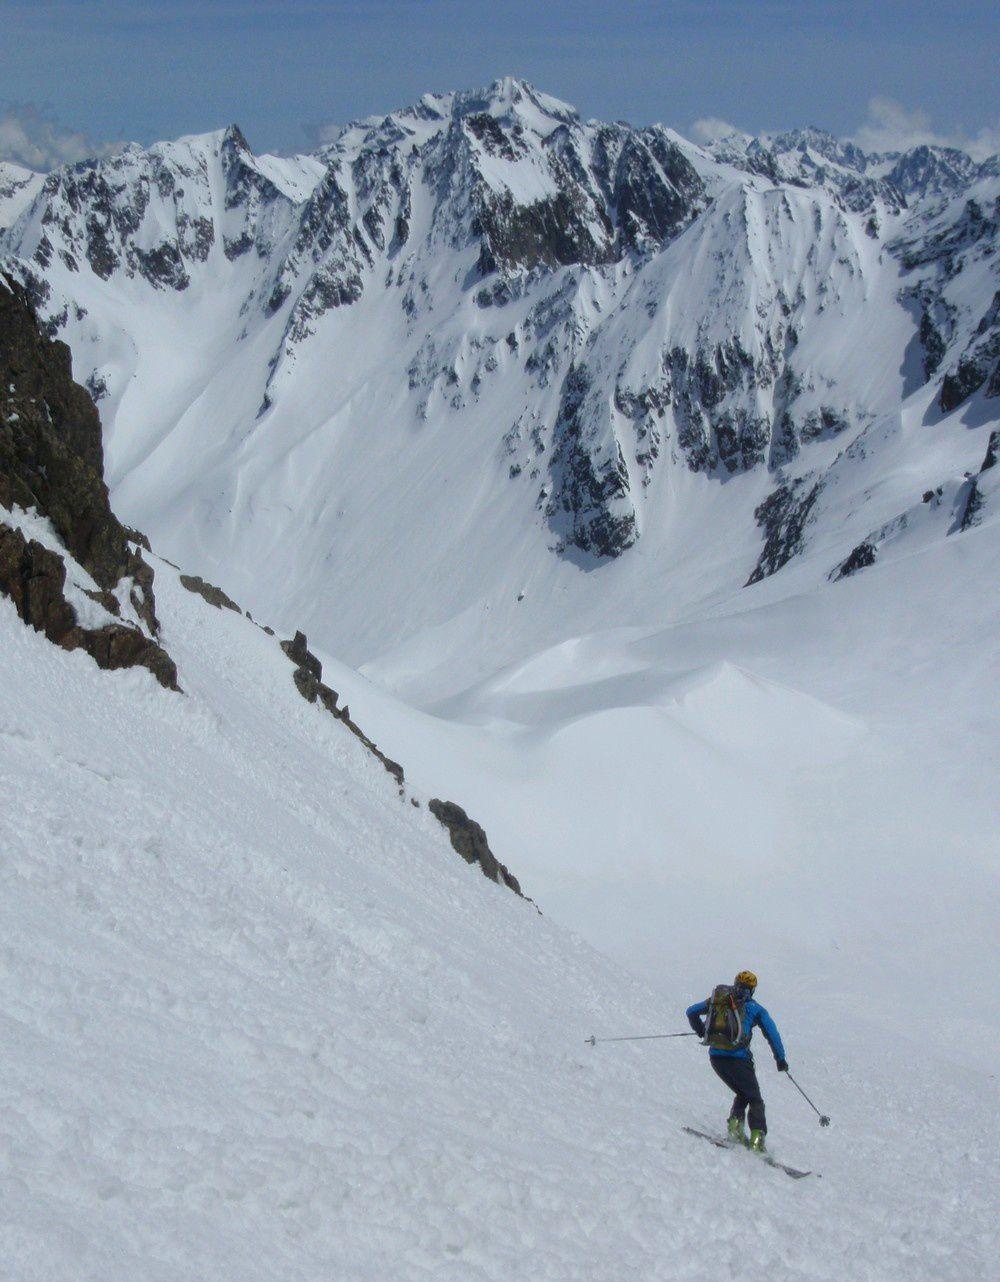 Mercantour ski paradise, sur fond de la cime de l'Agnel et son couloir Nord chargé.